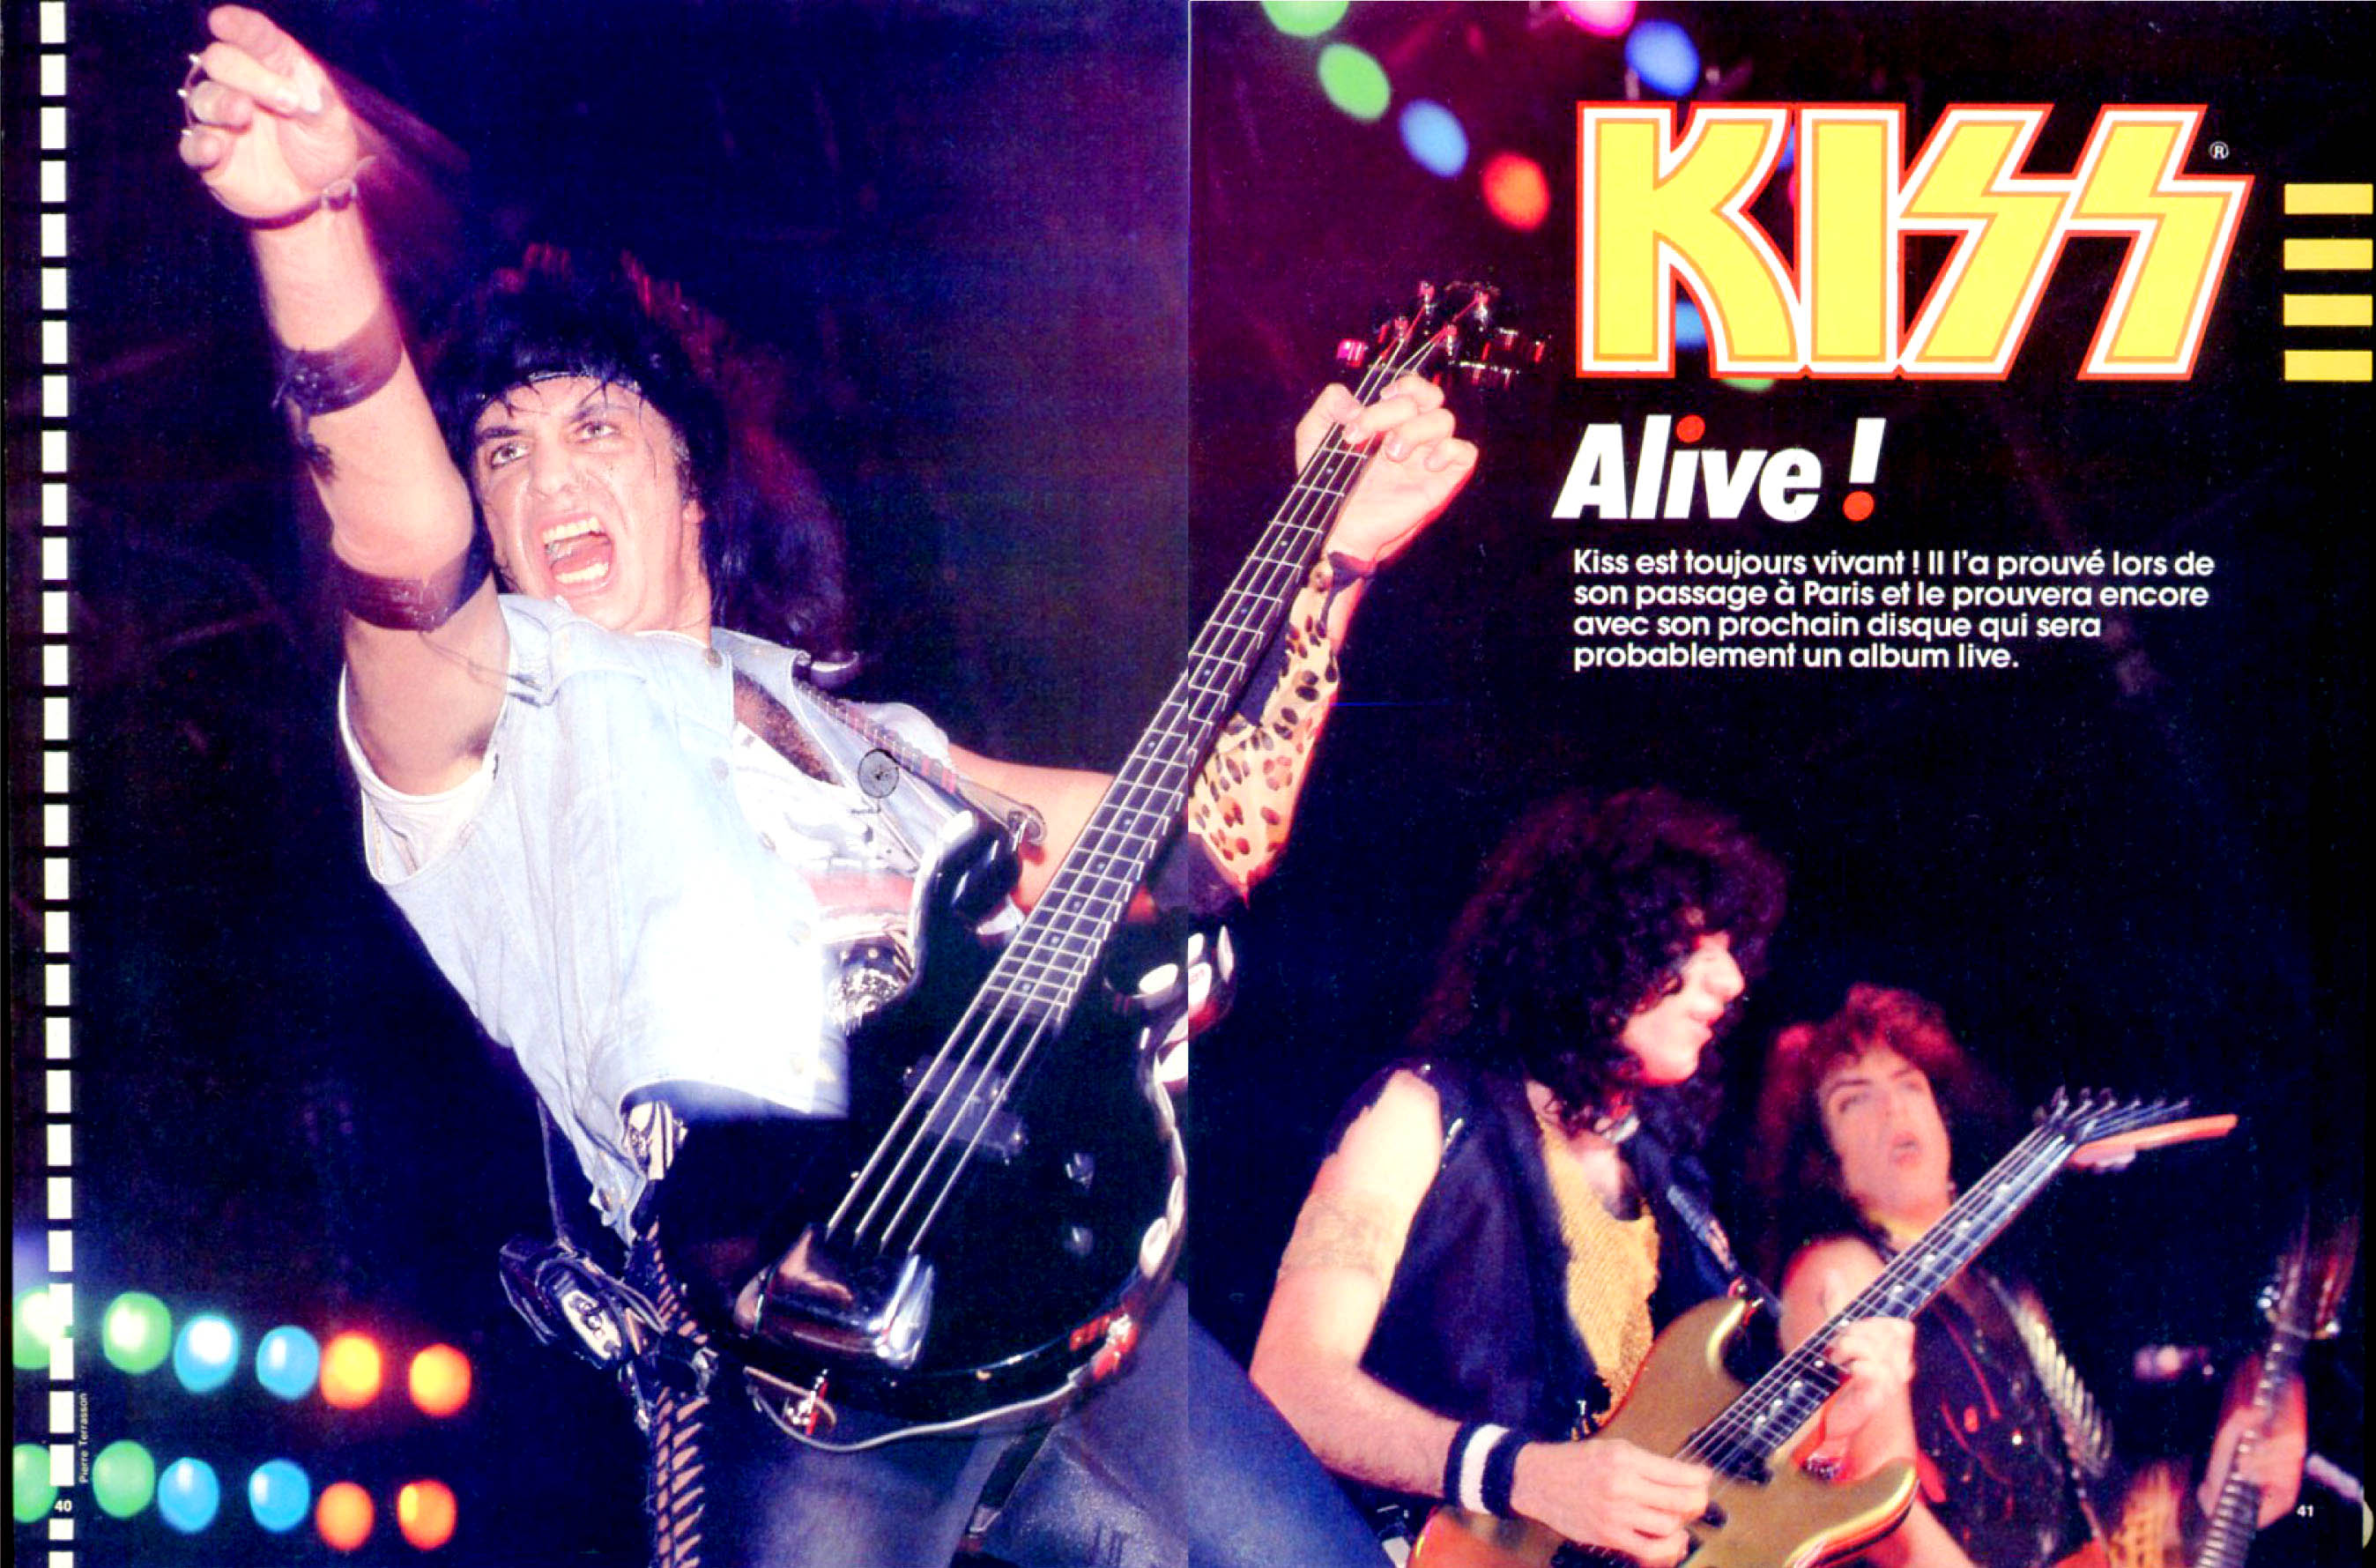 Hard Rock 8412 Kiss 01.jpg